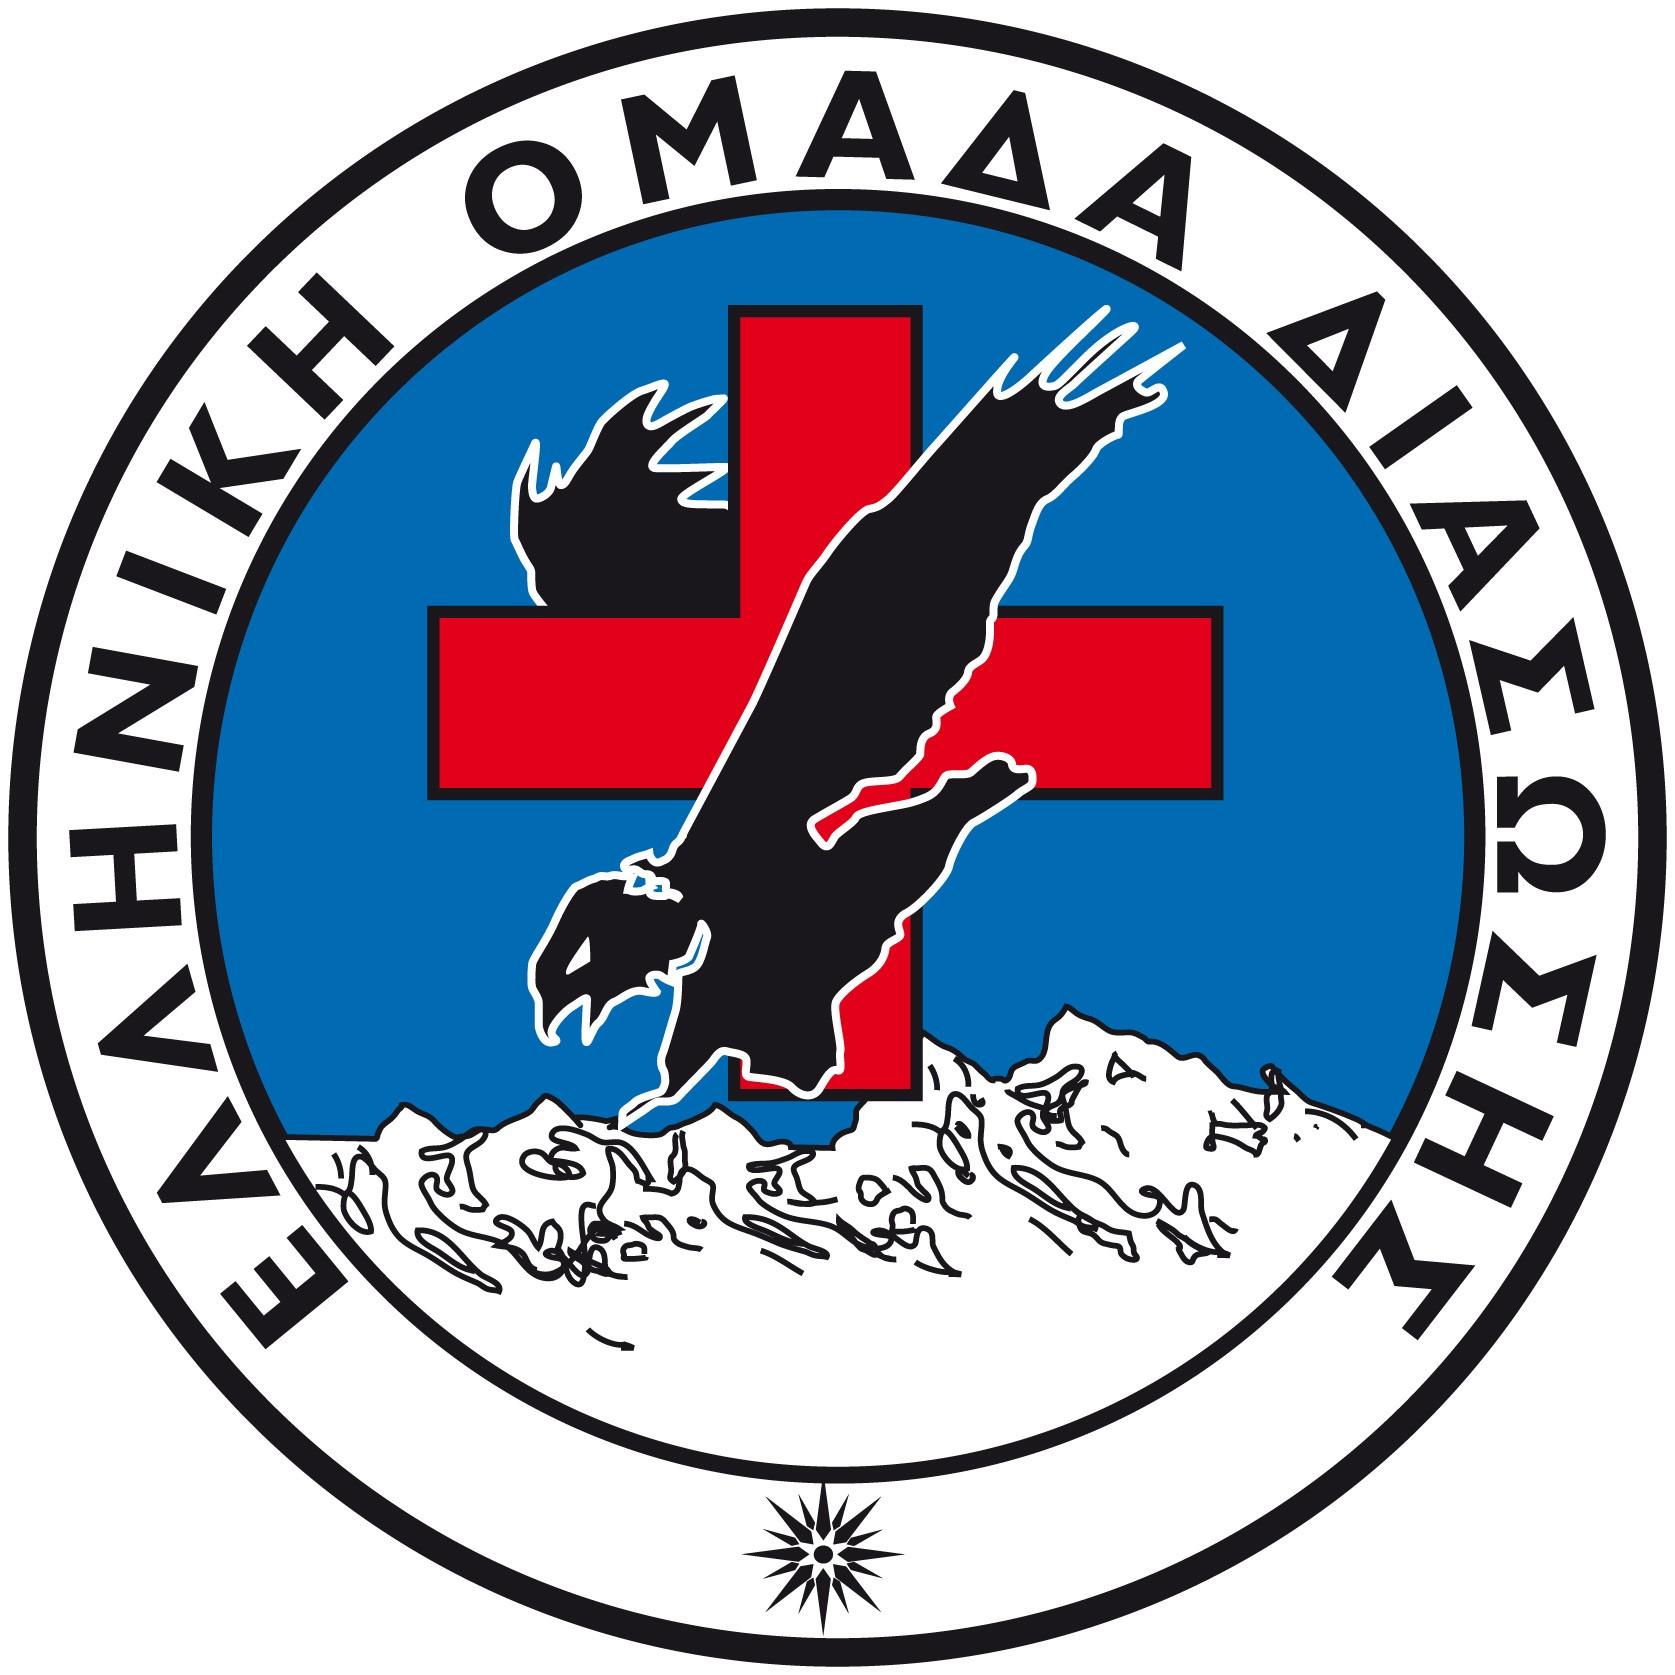 logo-eod.jpg